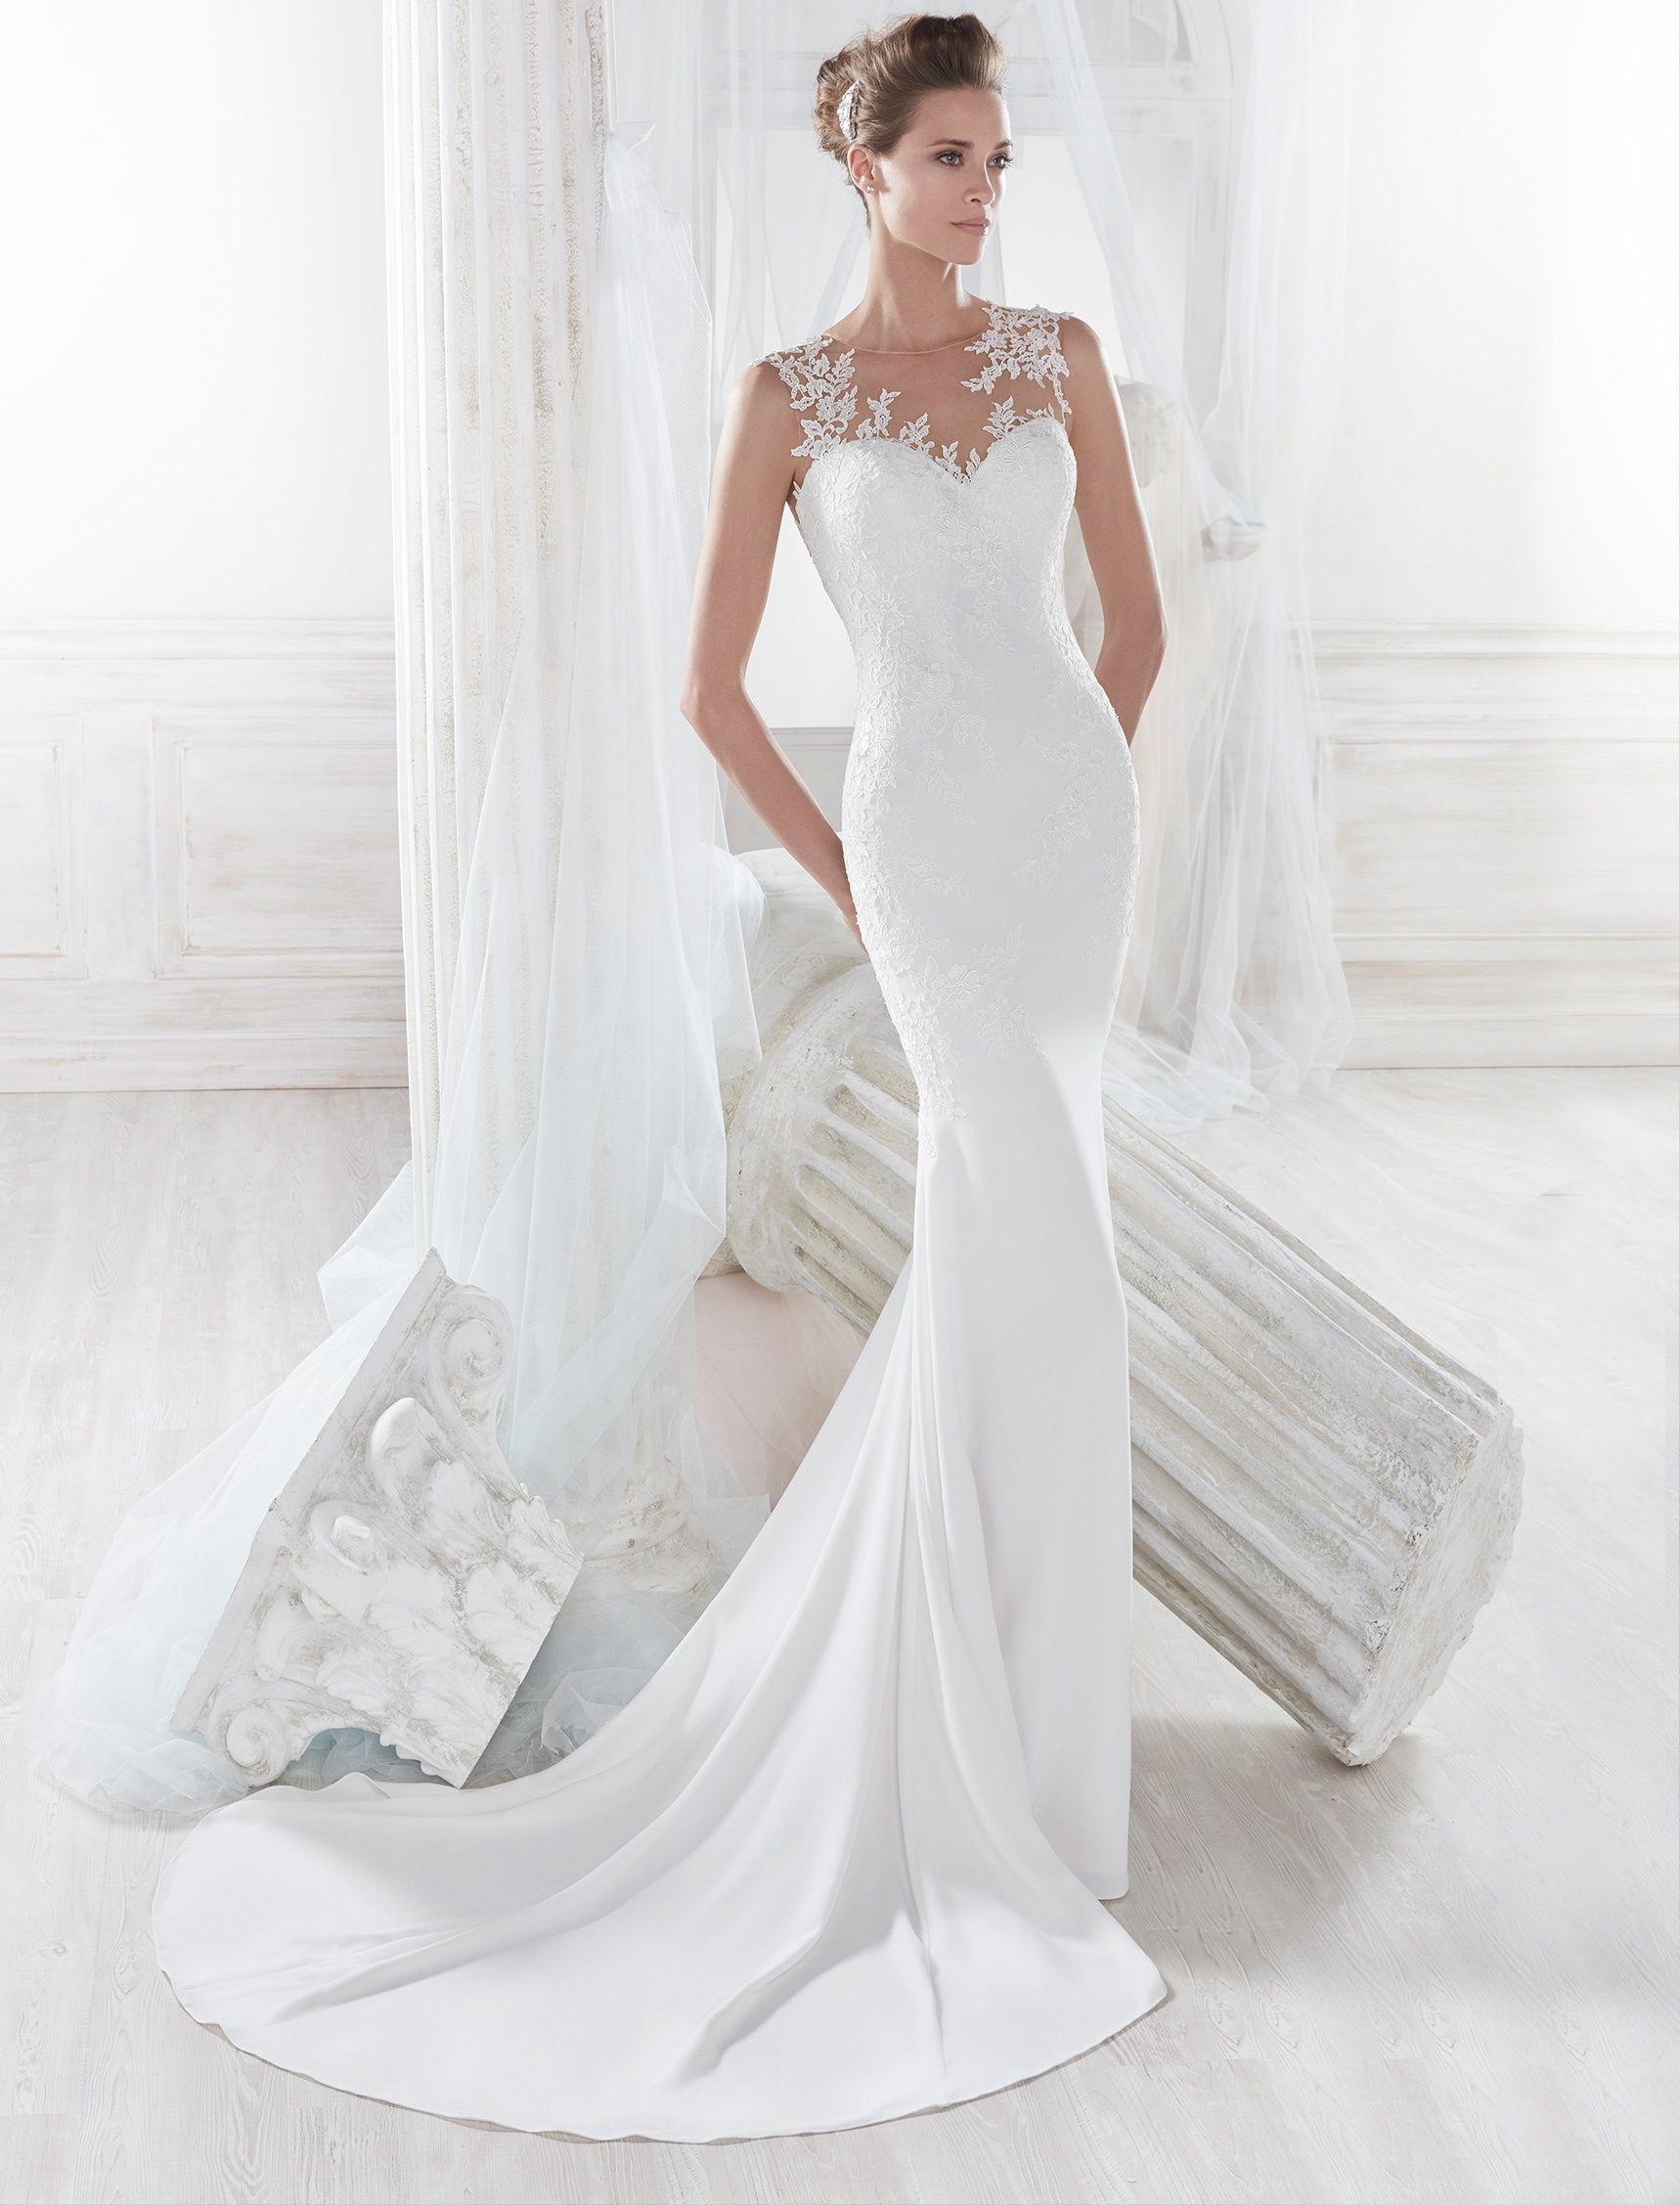 Moda sposa collezione nicole niab abito da sposa